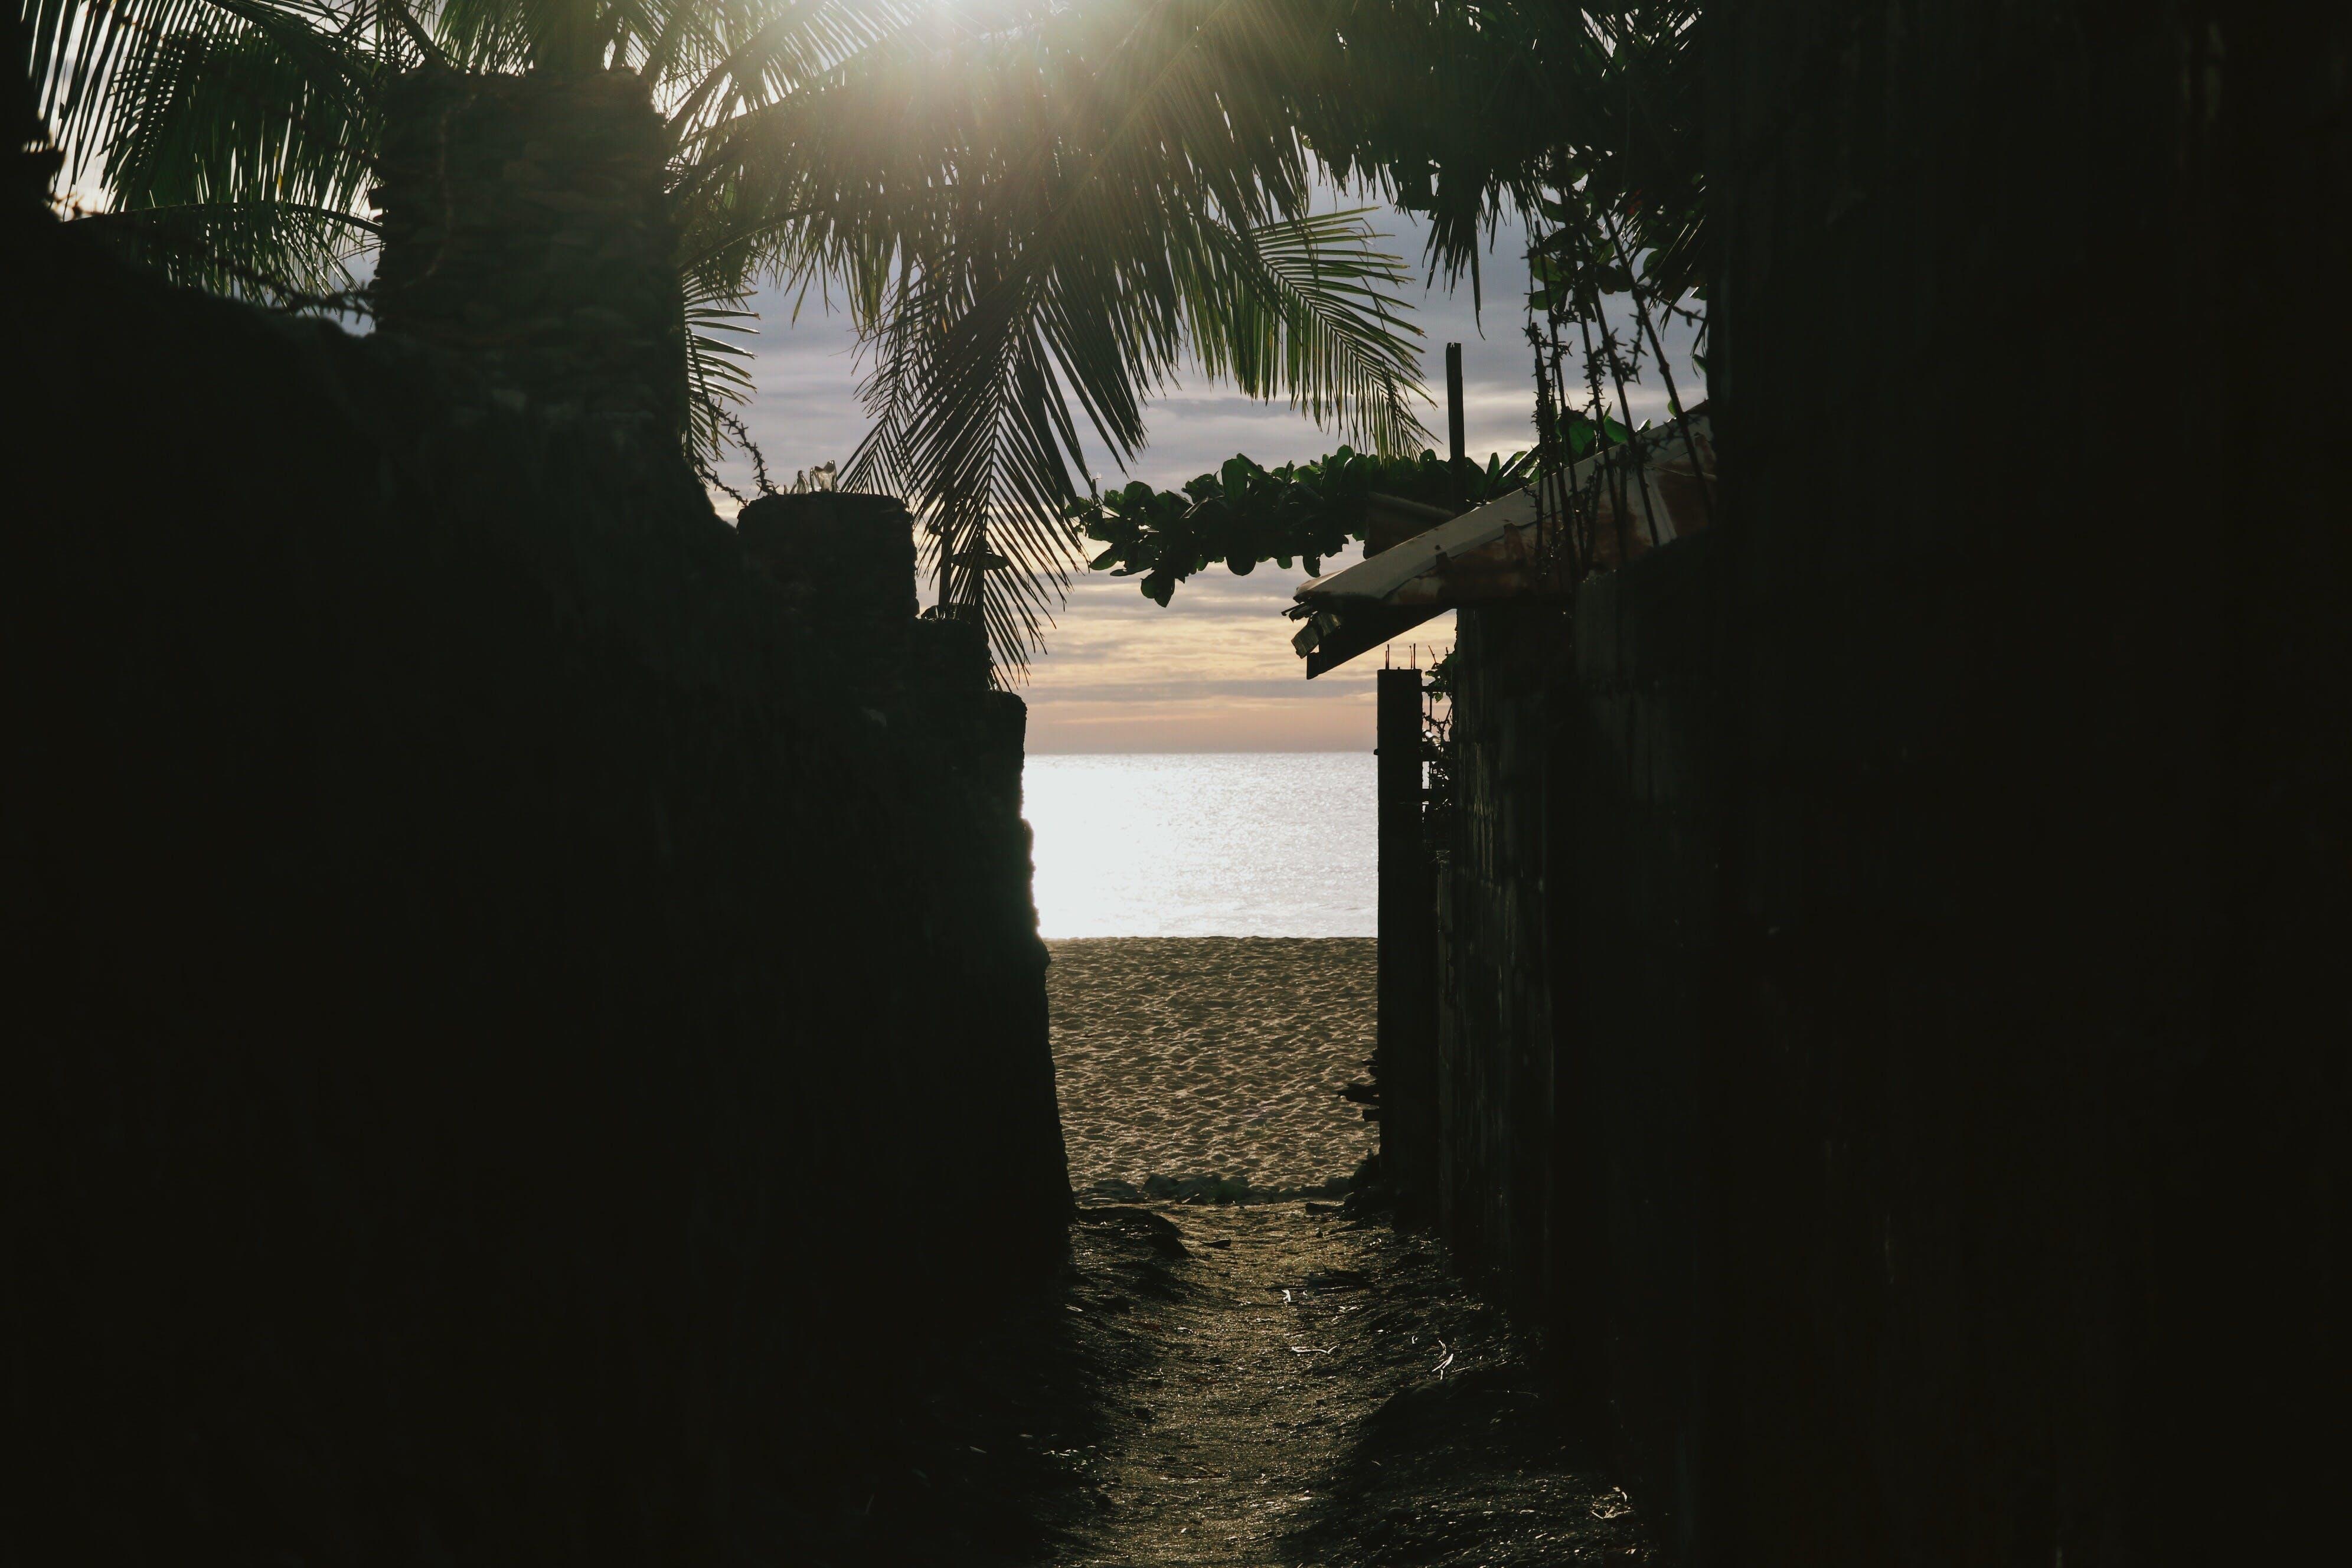 Free stock photo of nature, sunset, beach, beach view